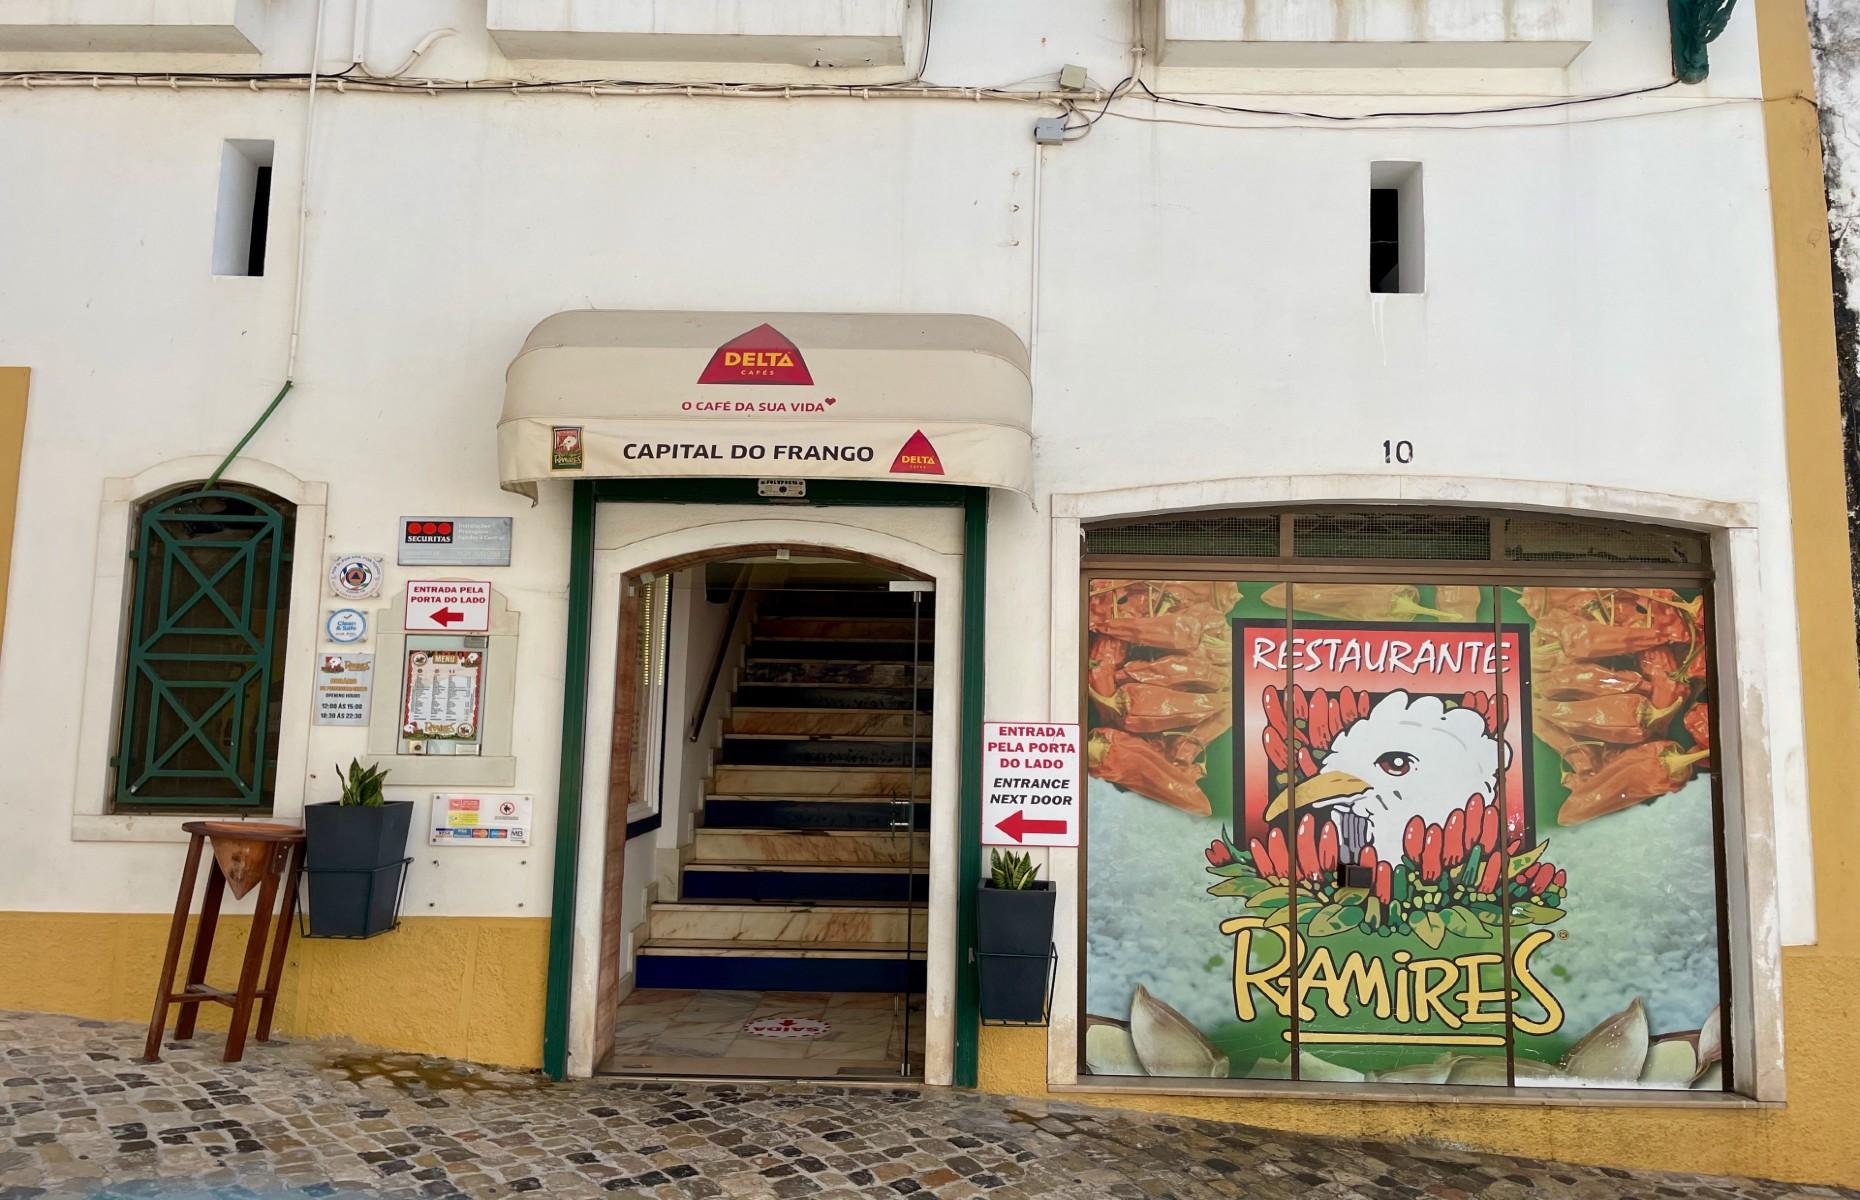 Ramires chicken restaurant (Image: Antonia Windsor)